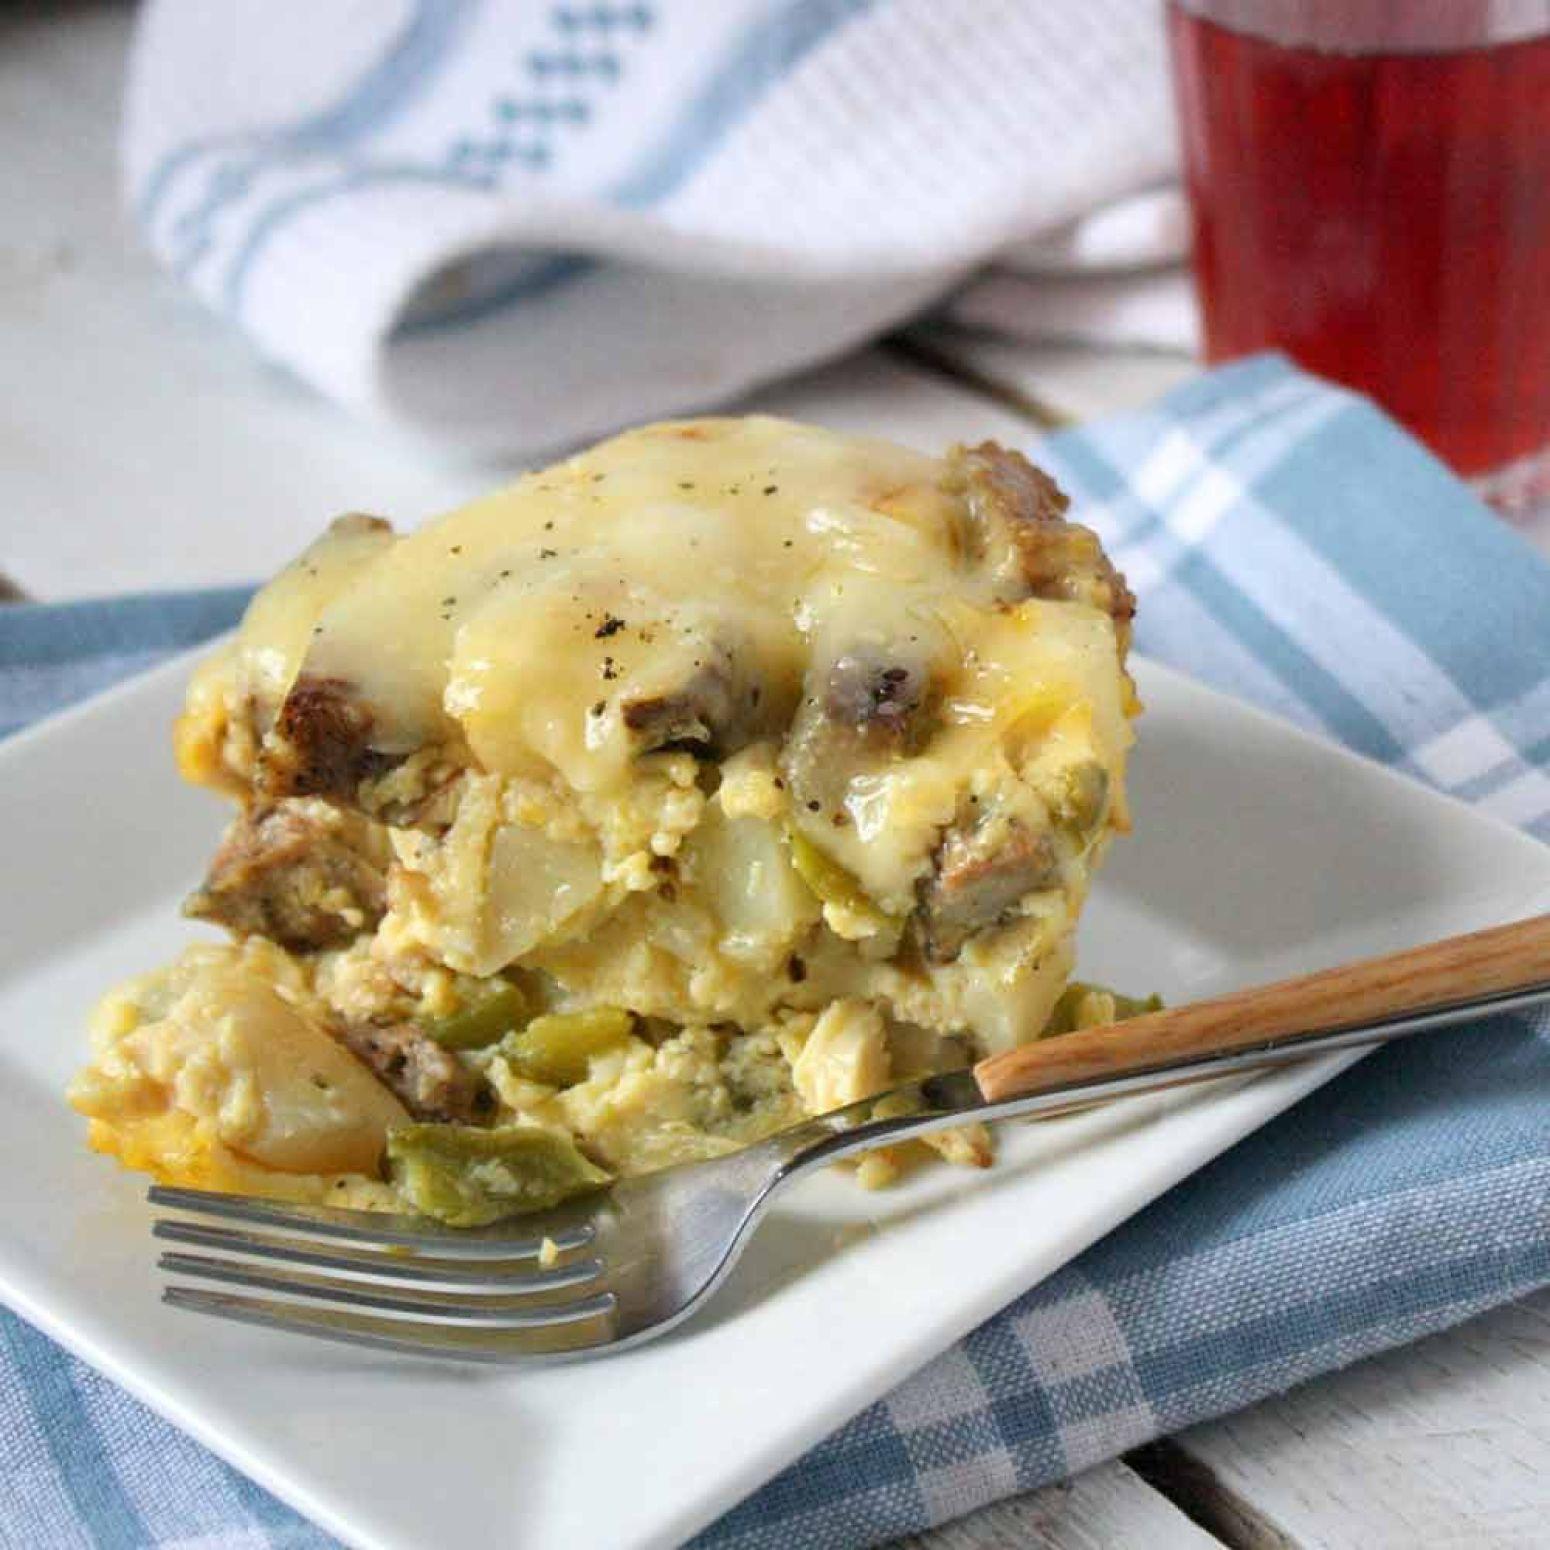 Slow Cooker Breakfast Recipes: Slow Cooker Breakfast Casserole Recipe 7